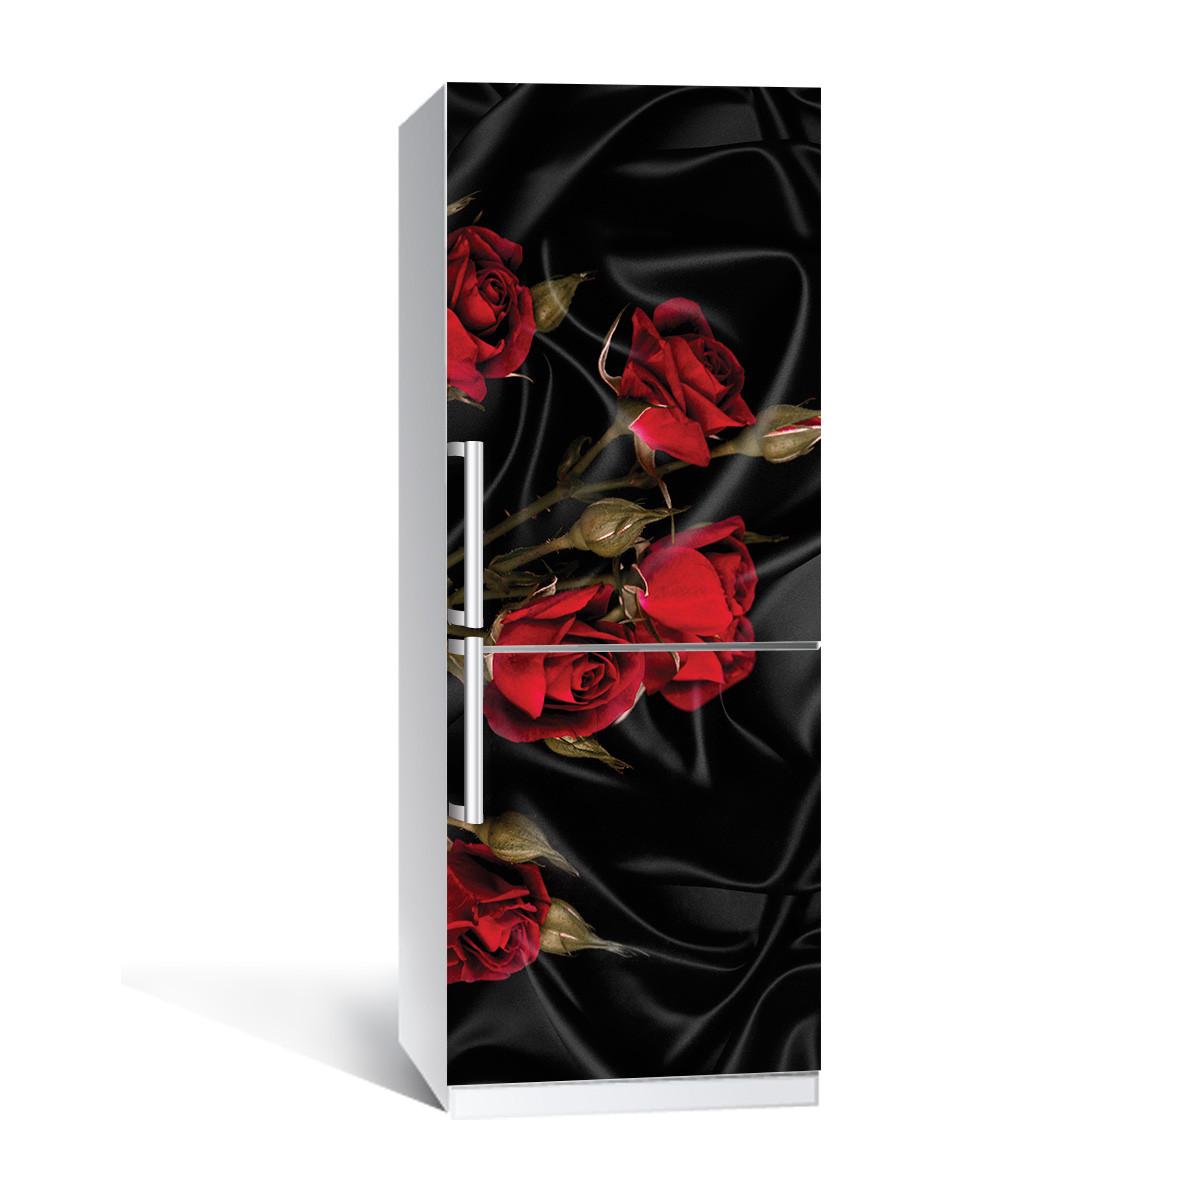 Вінілова наклейка на холодильник Роза Tassin ламінована подвійна плівка квіти червоні троянди чорний шовк